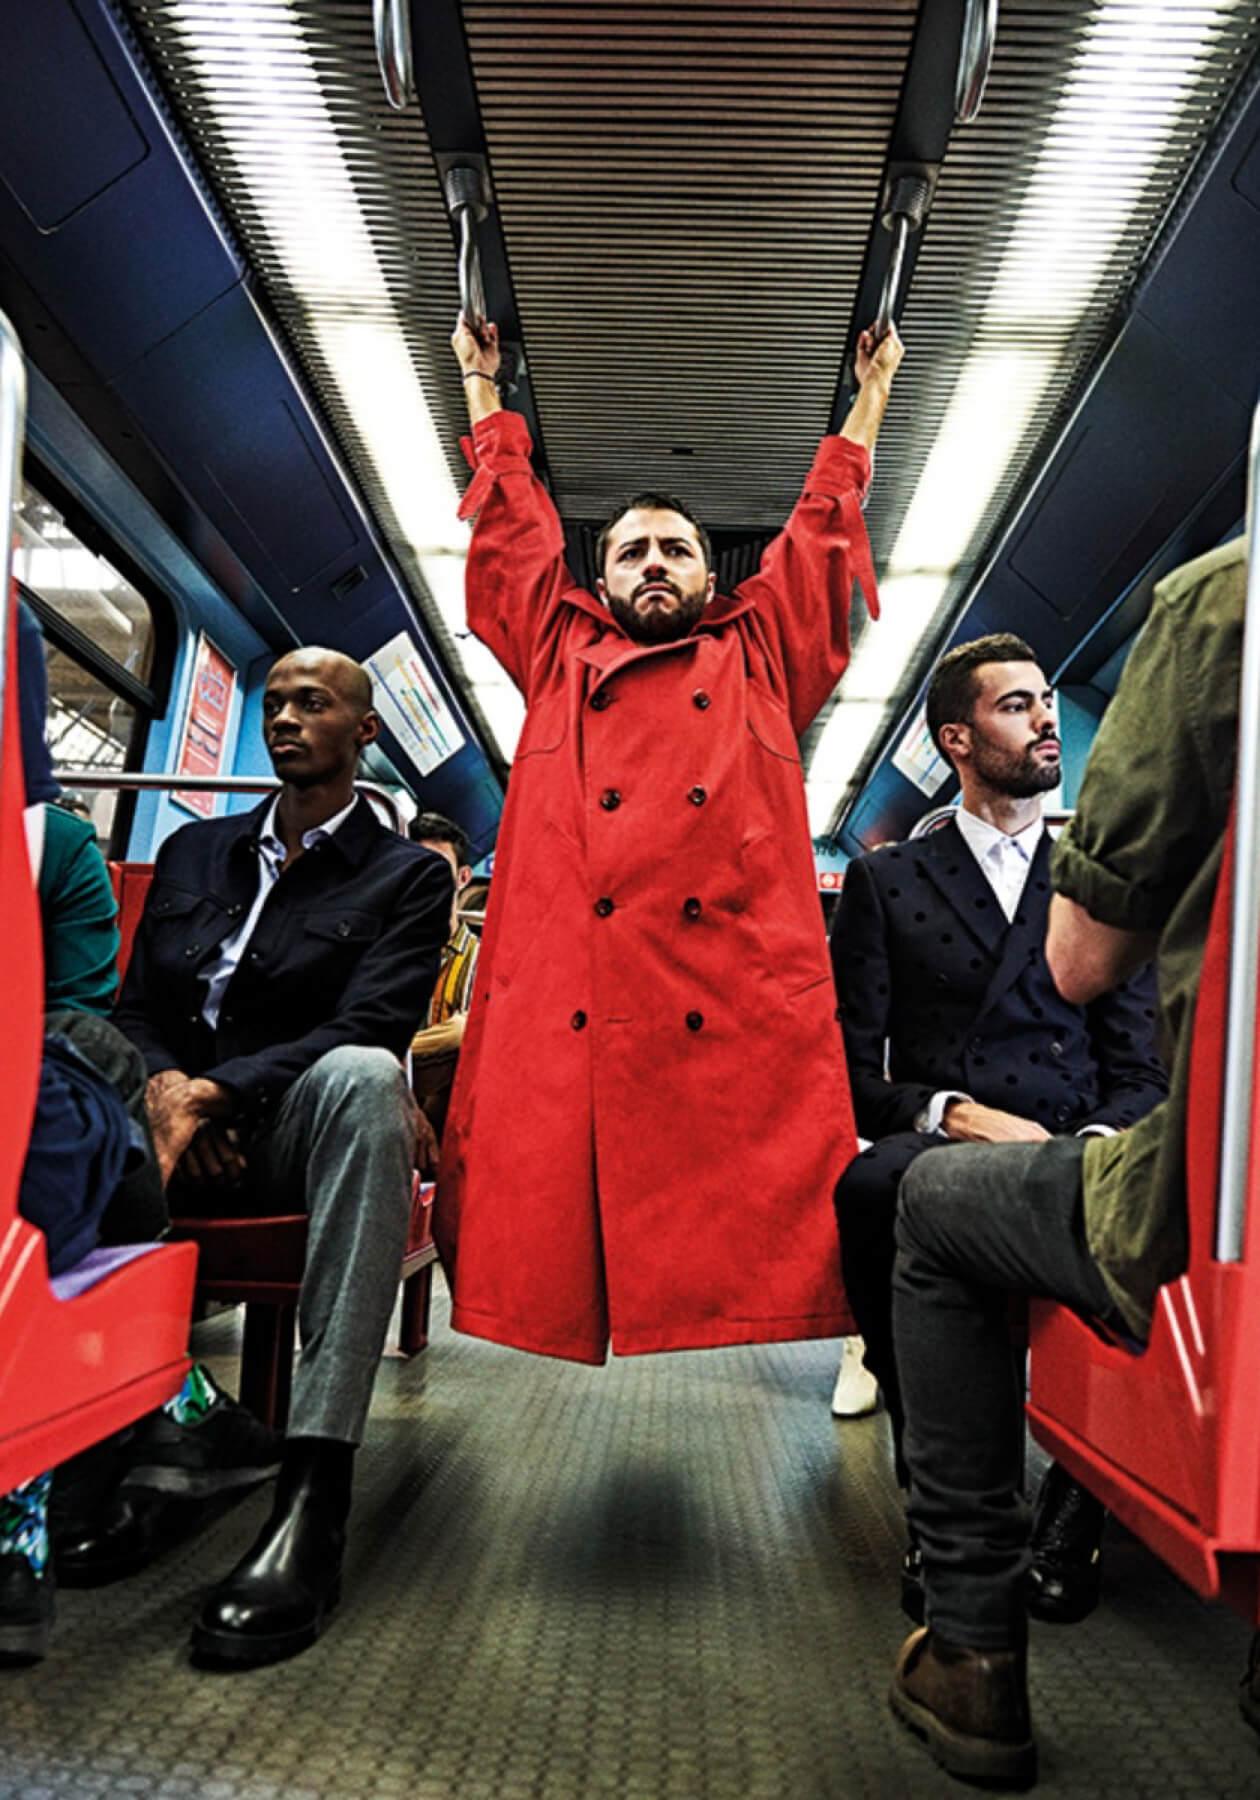 Мужчина в красном плаще висит на поручнях в вагоне метро среди мужчин в костюмах